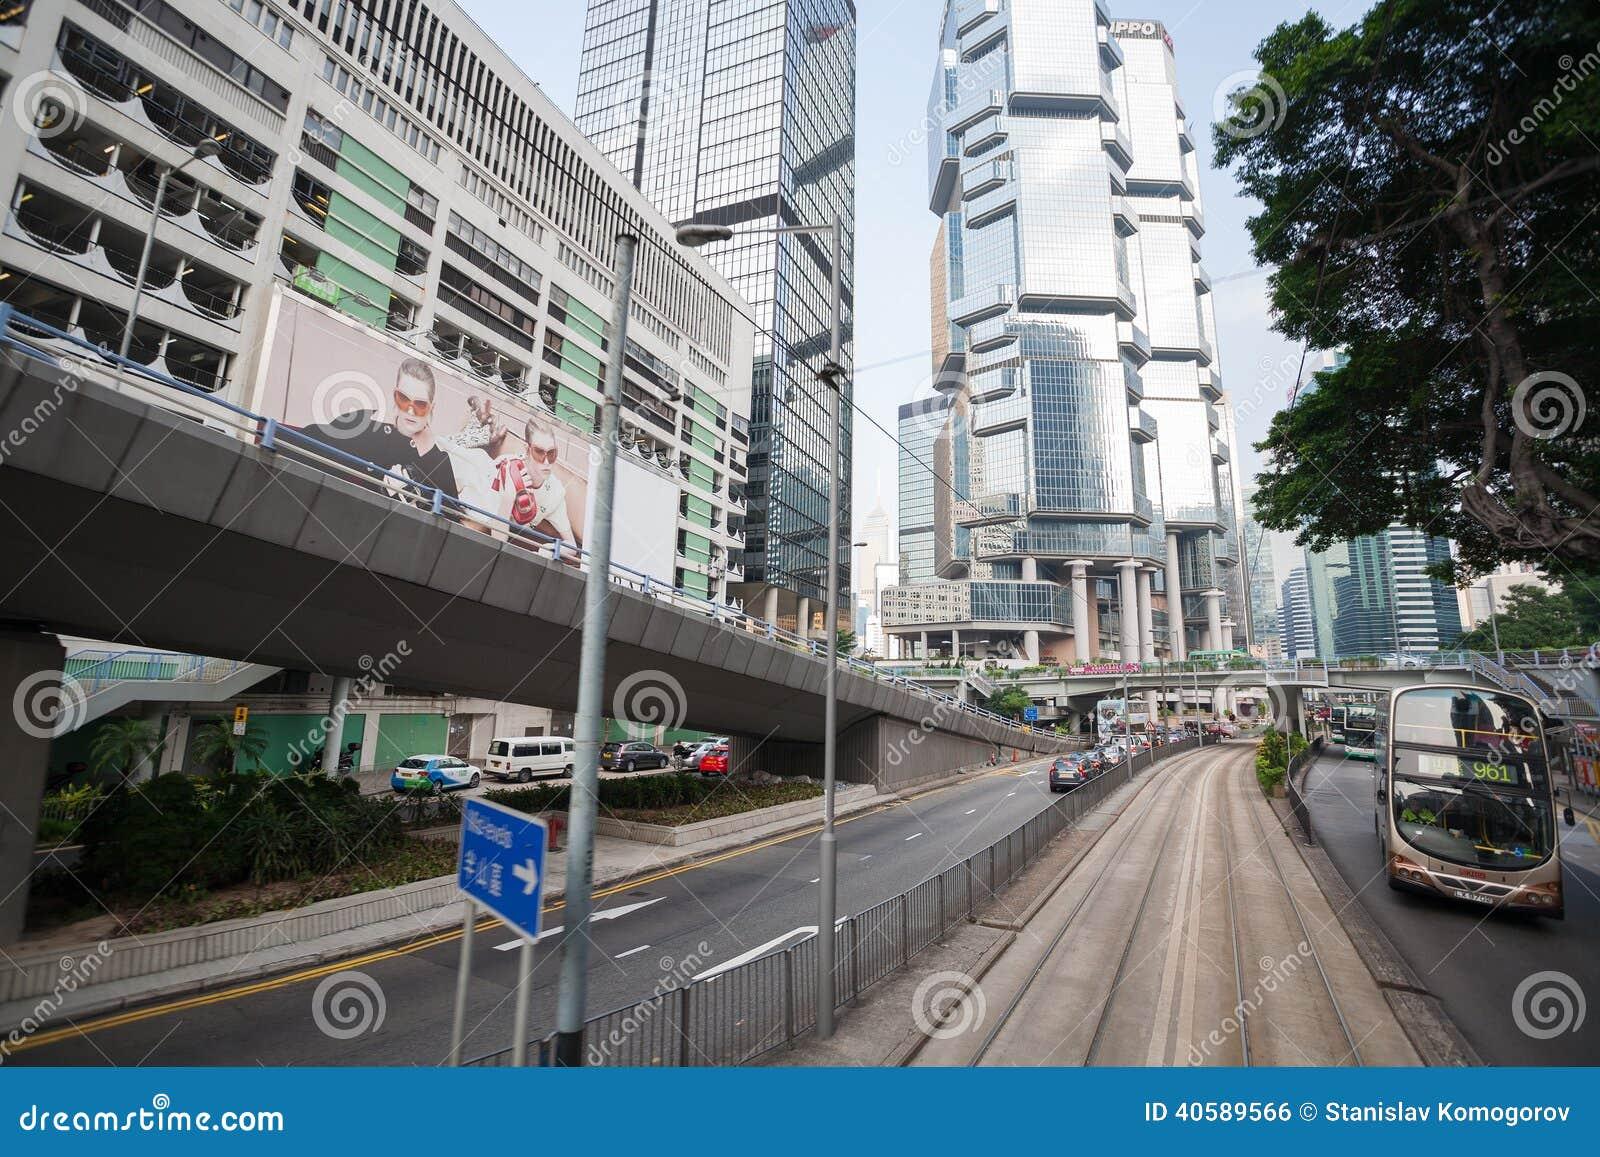 Финансовый район Гонконг ¡ Ð entral